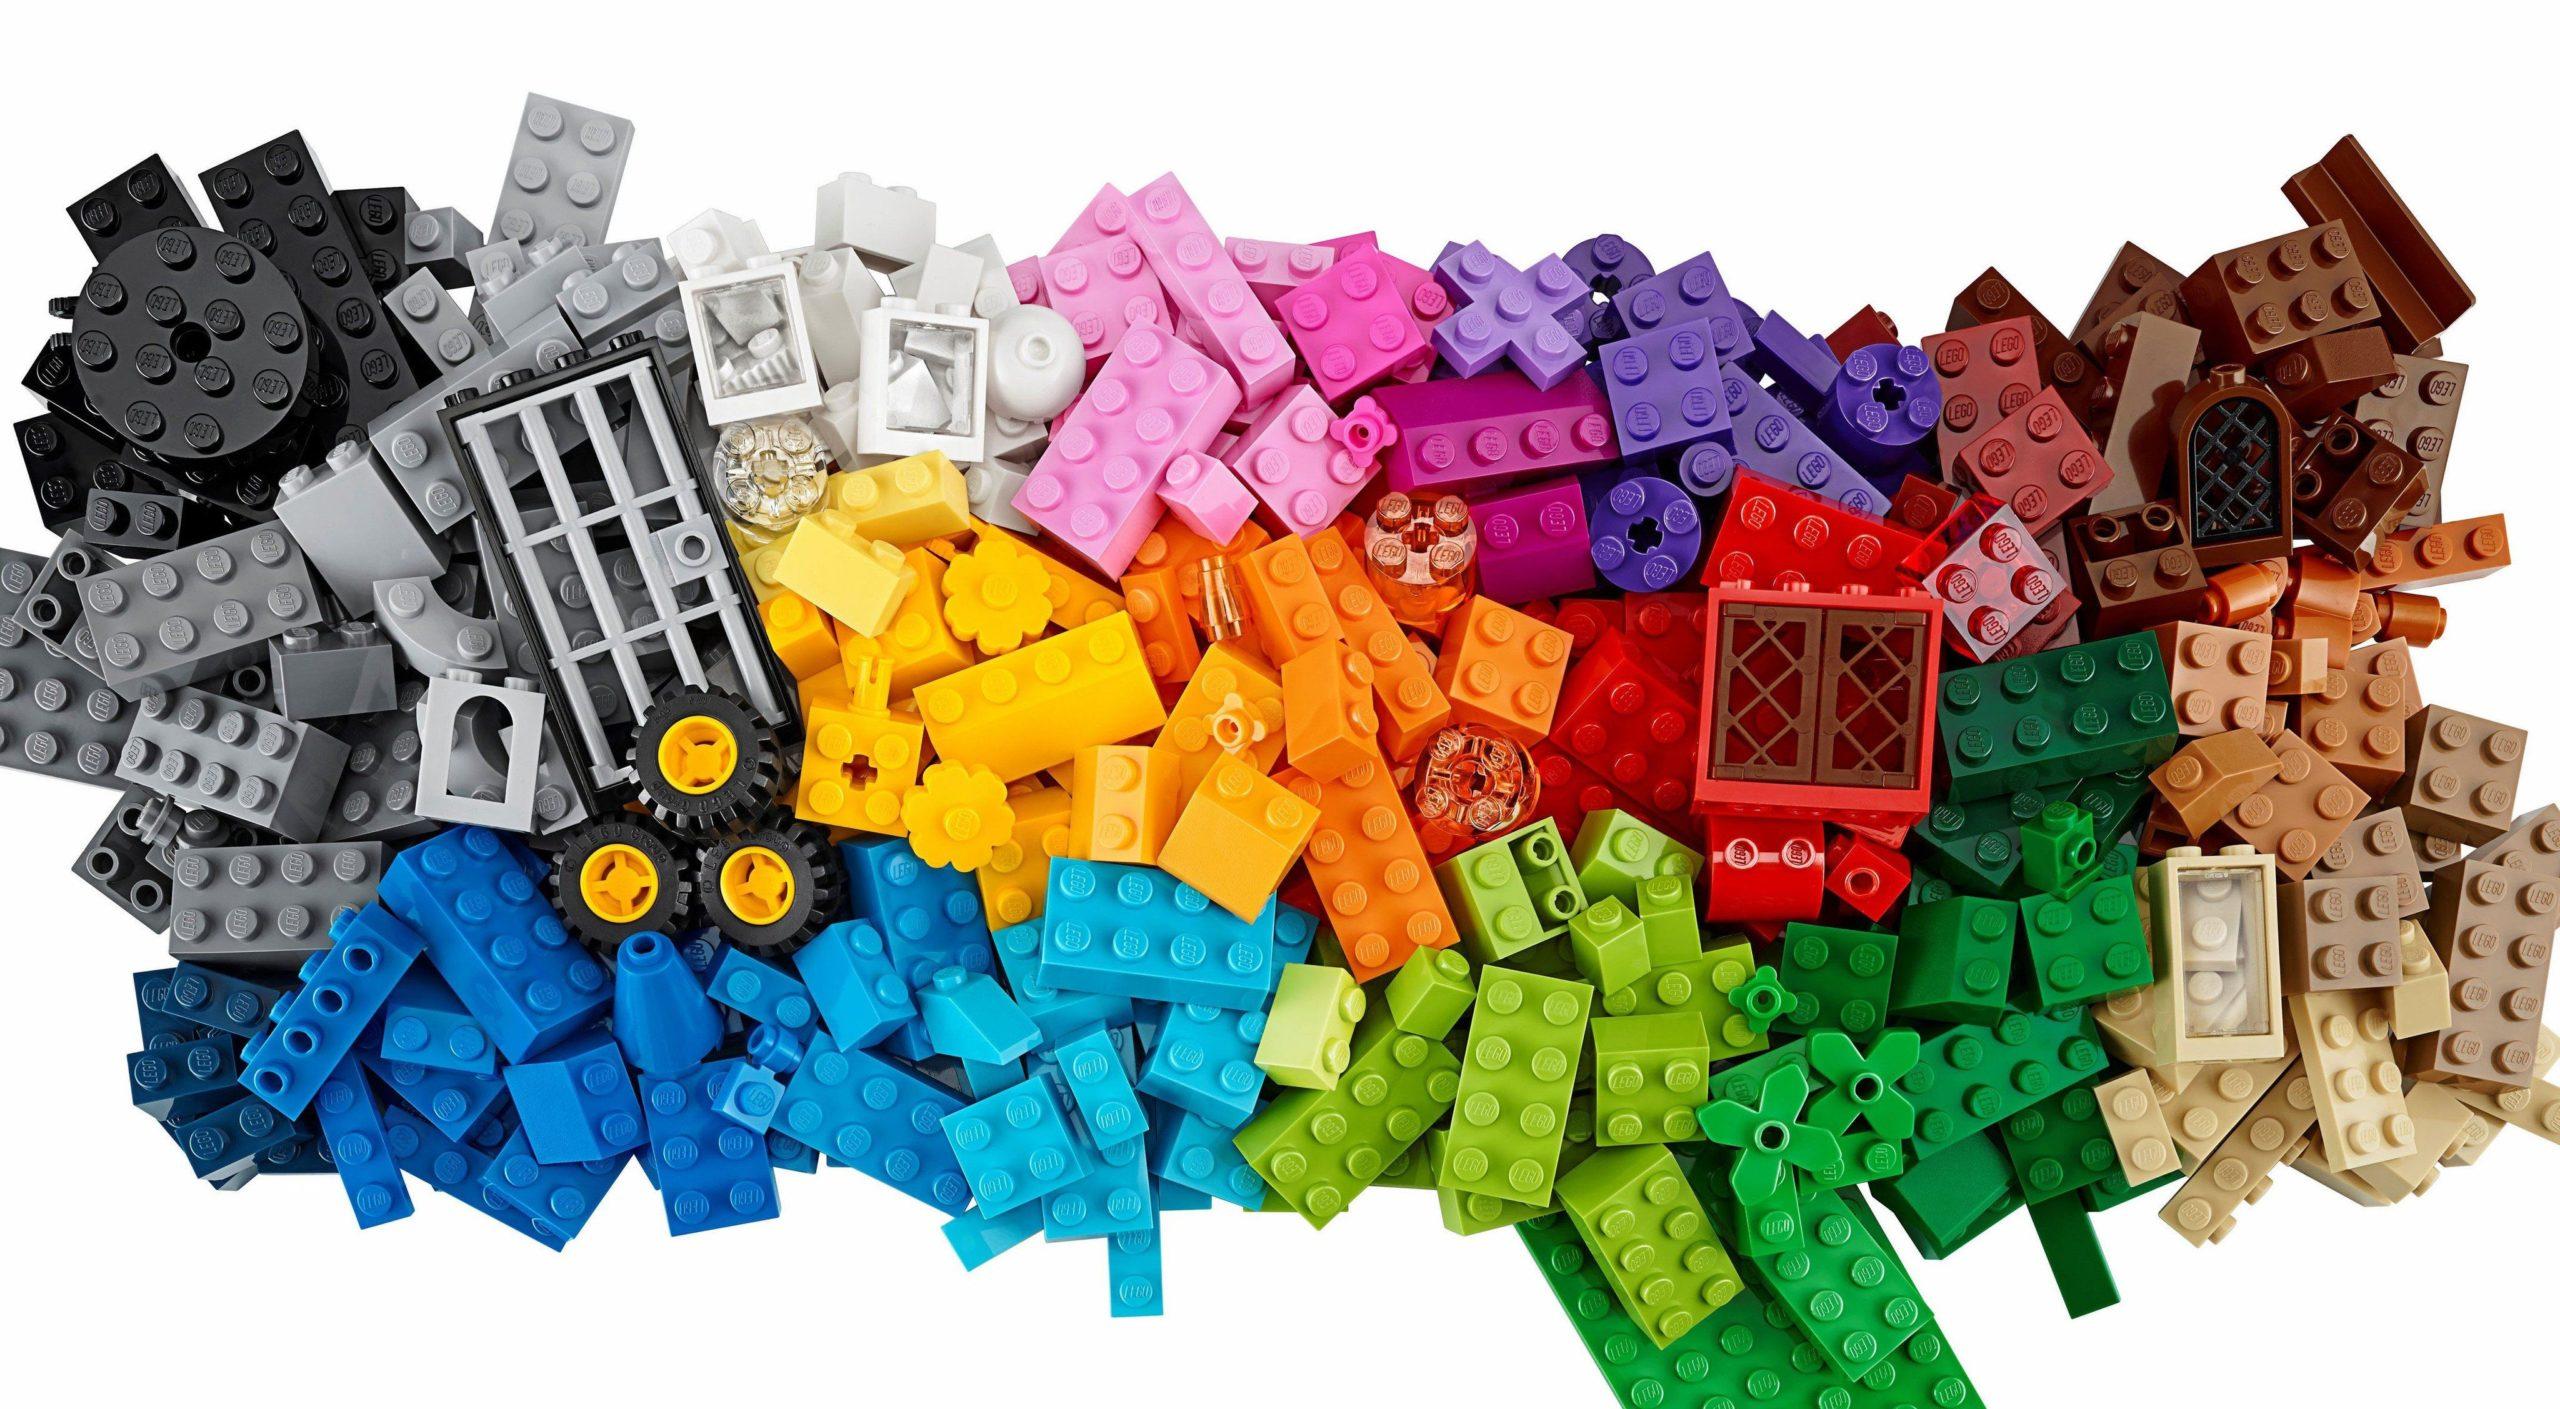 Дешевые аналоги LEGO: лучшие бренды и наборы на 2021 год